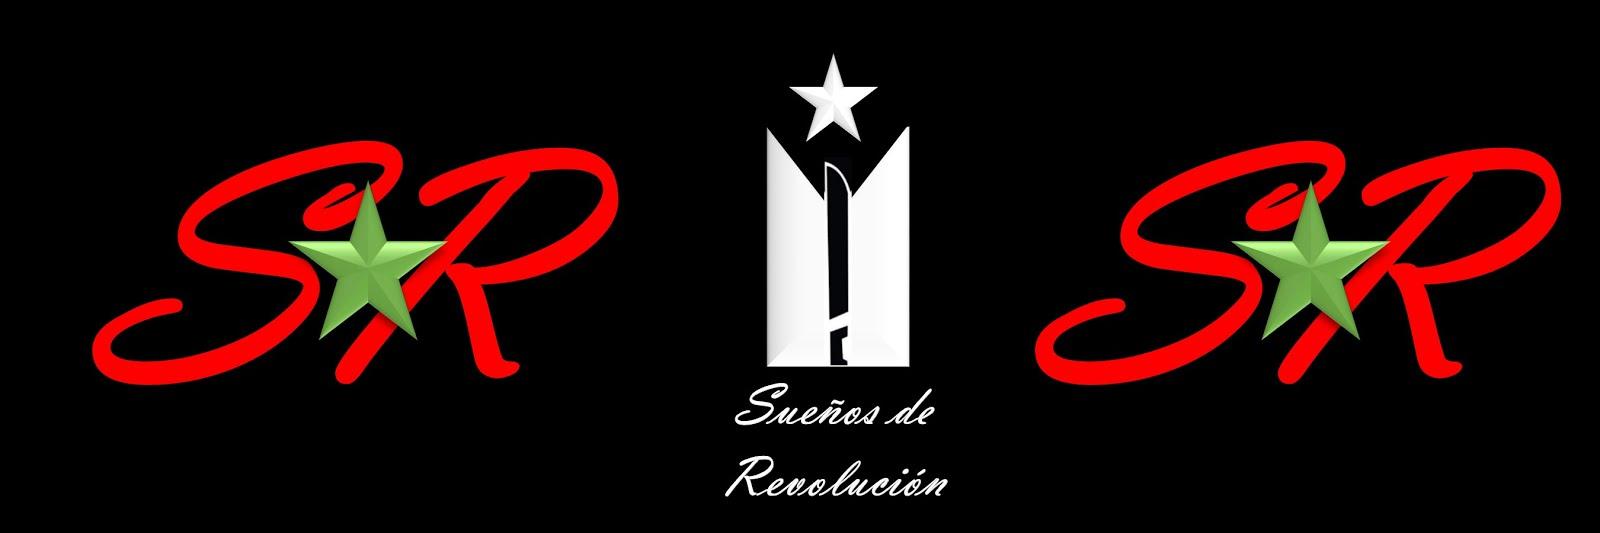 Sueños de Revolución